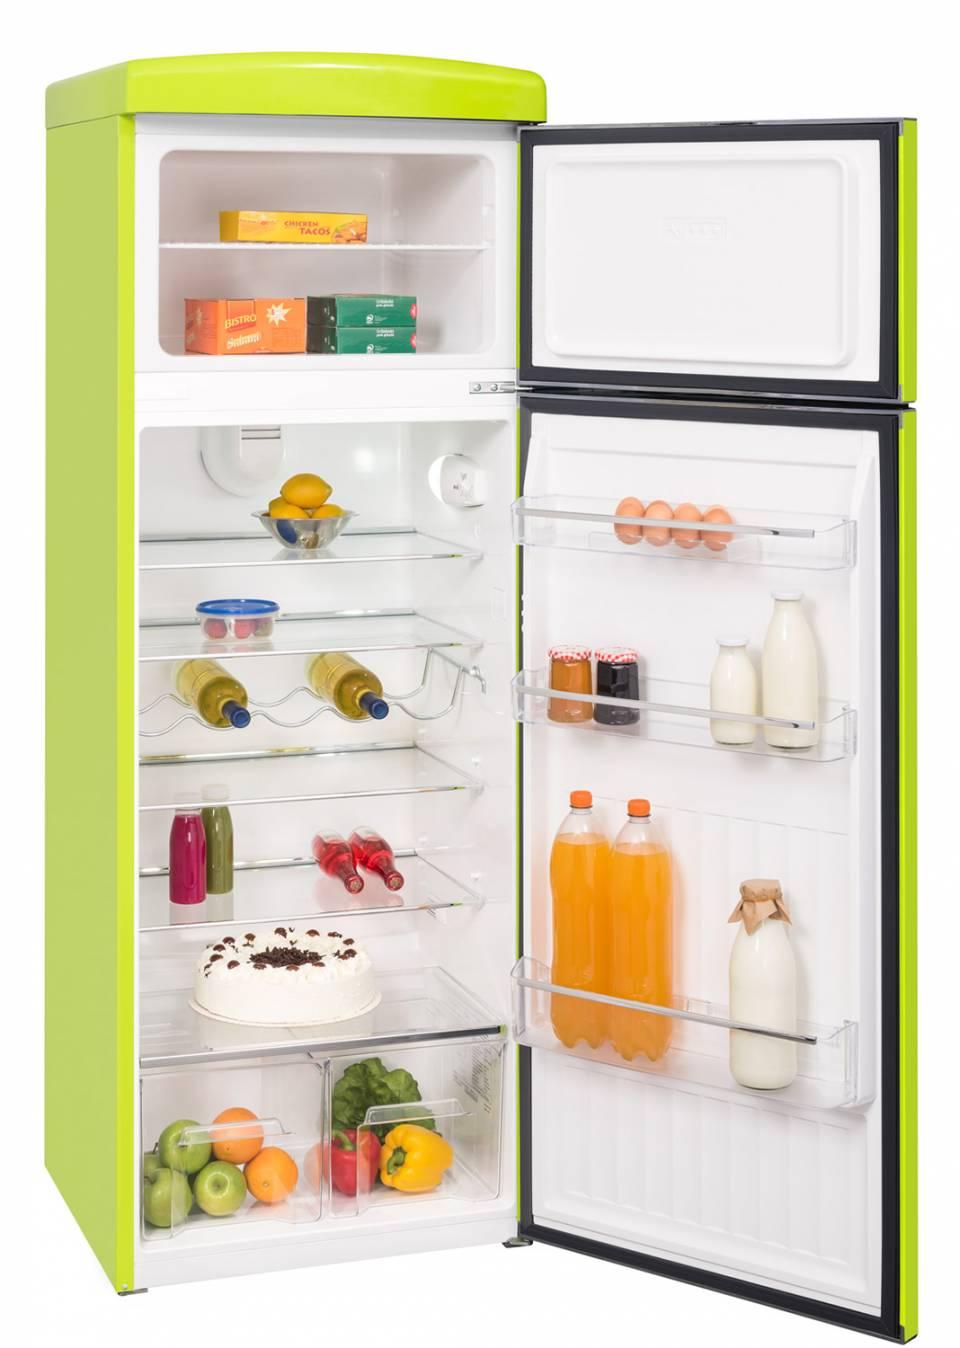 Der Nutzinhalt der Kühl-Gefrierkombination RKGC 25060 RD A++beträgt im Kühlfach 256 Liter, im Gefrierfach 56 Liter.